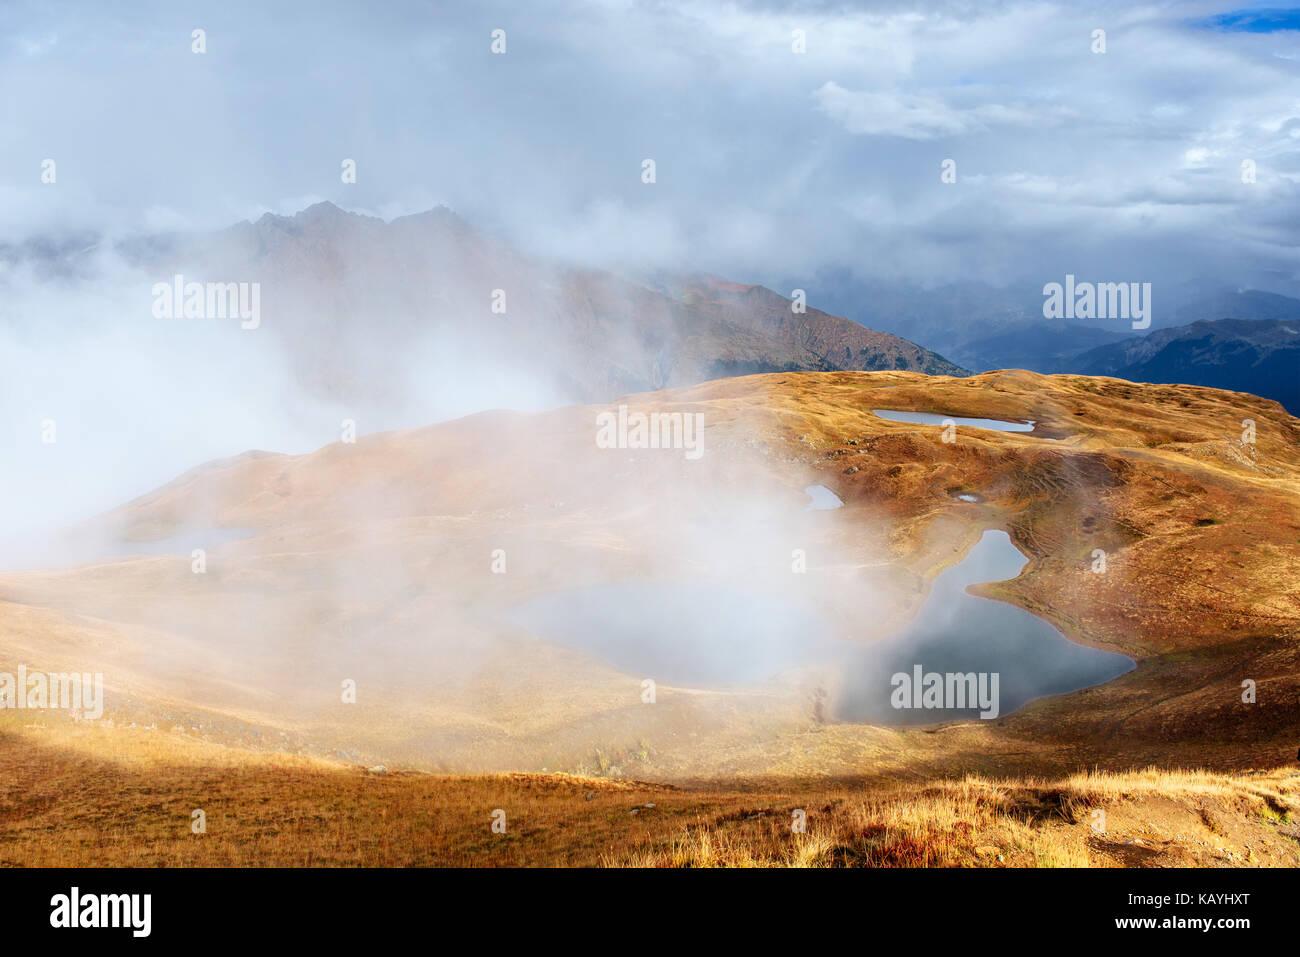 Maestoso paesaggio di montagna. koruldi laghi e un turista ammirando la vista. attiva il concetto di vita Immagini Stock